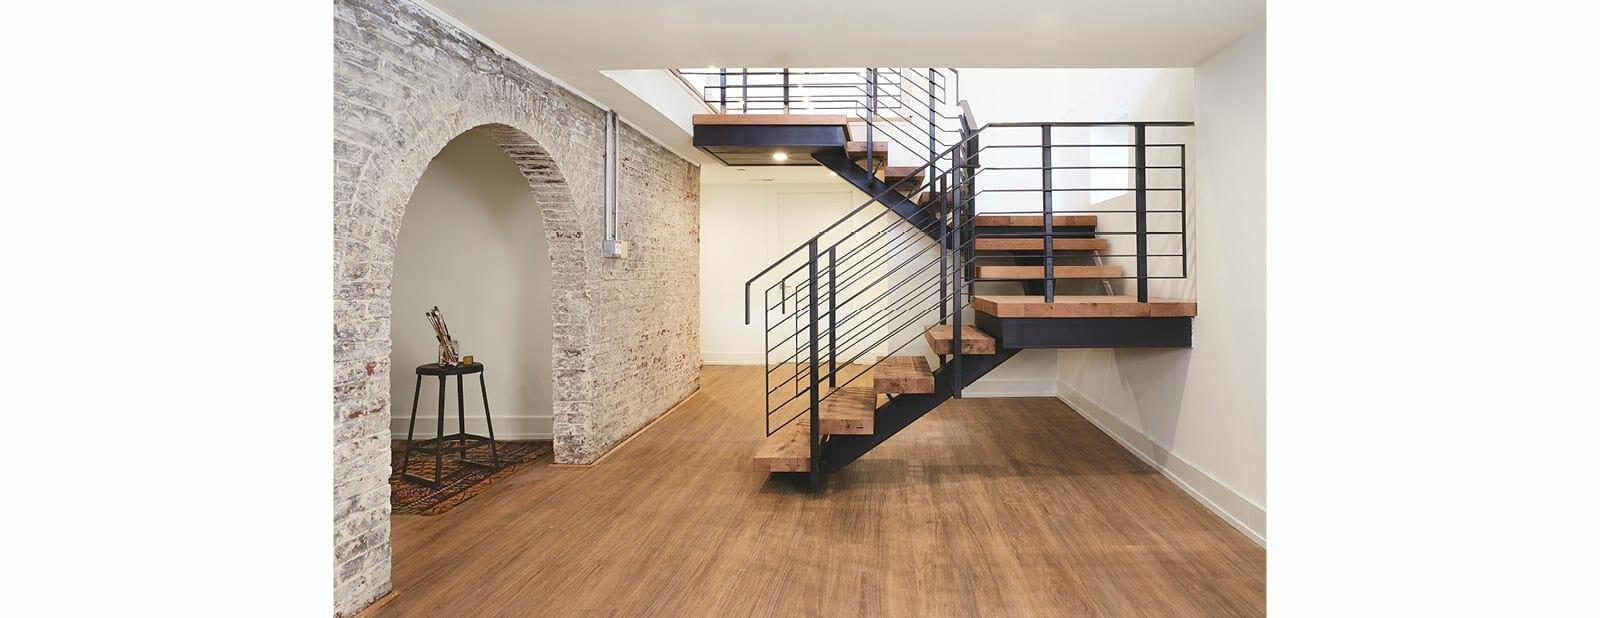 christian street residence basement